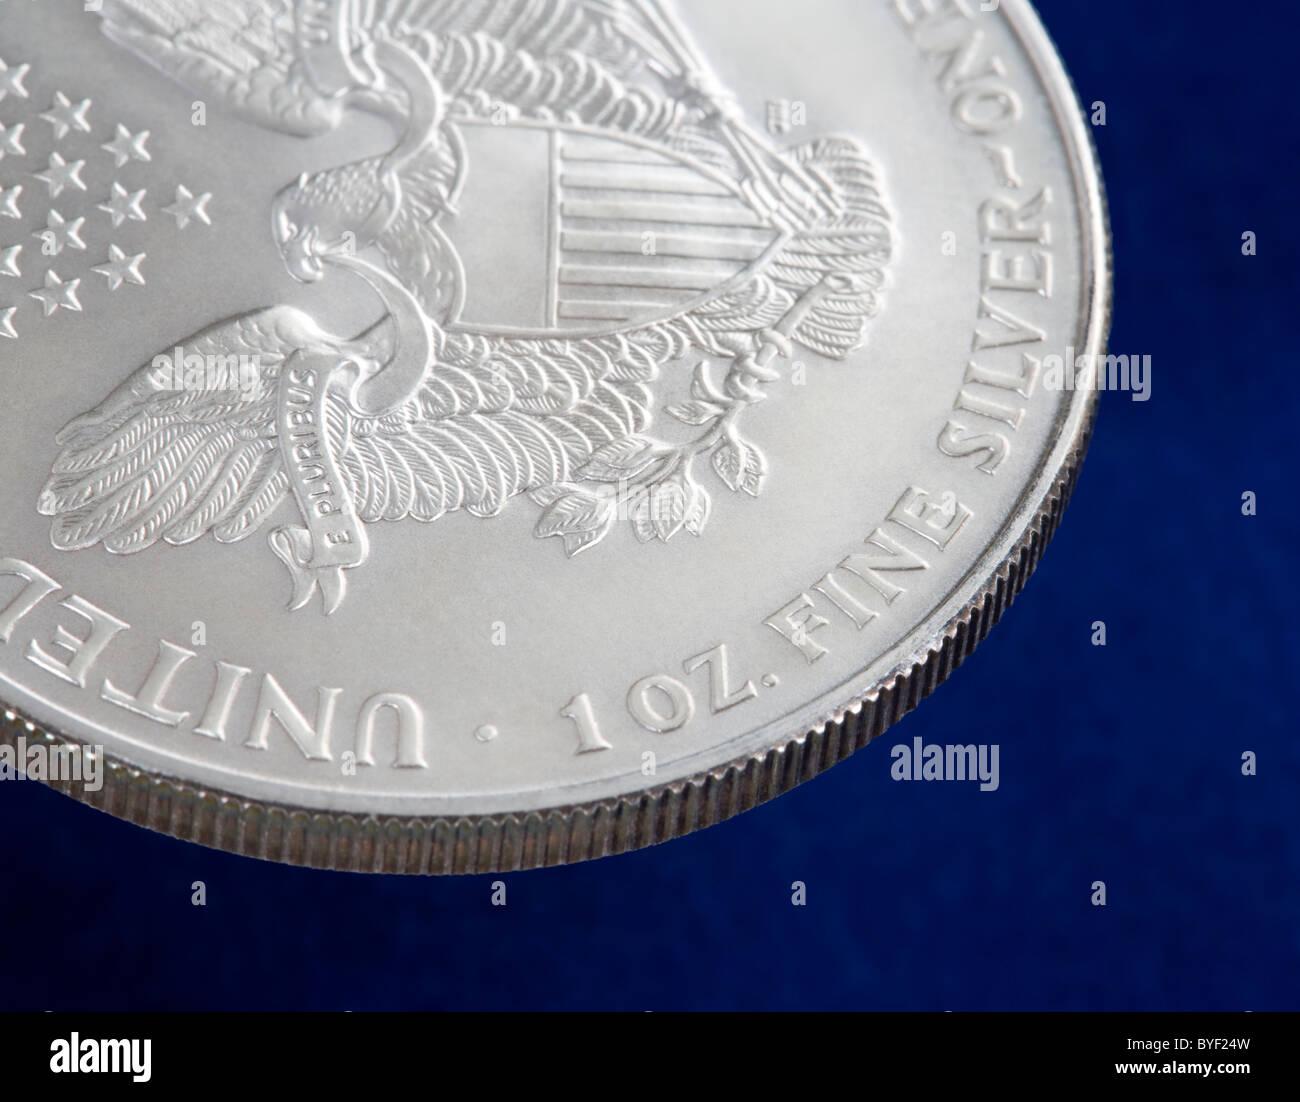 Die Vorderseite oder Rückseite des einen eine Unze U.S. Eagle Silbermünze Stockbild